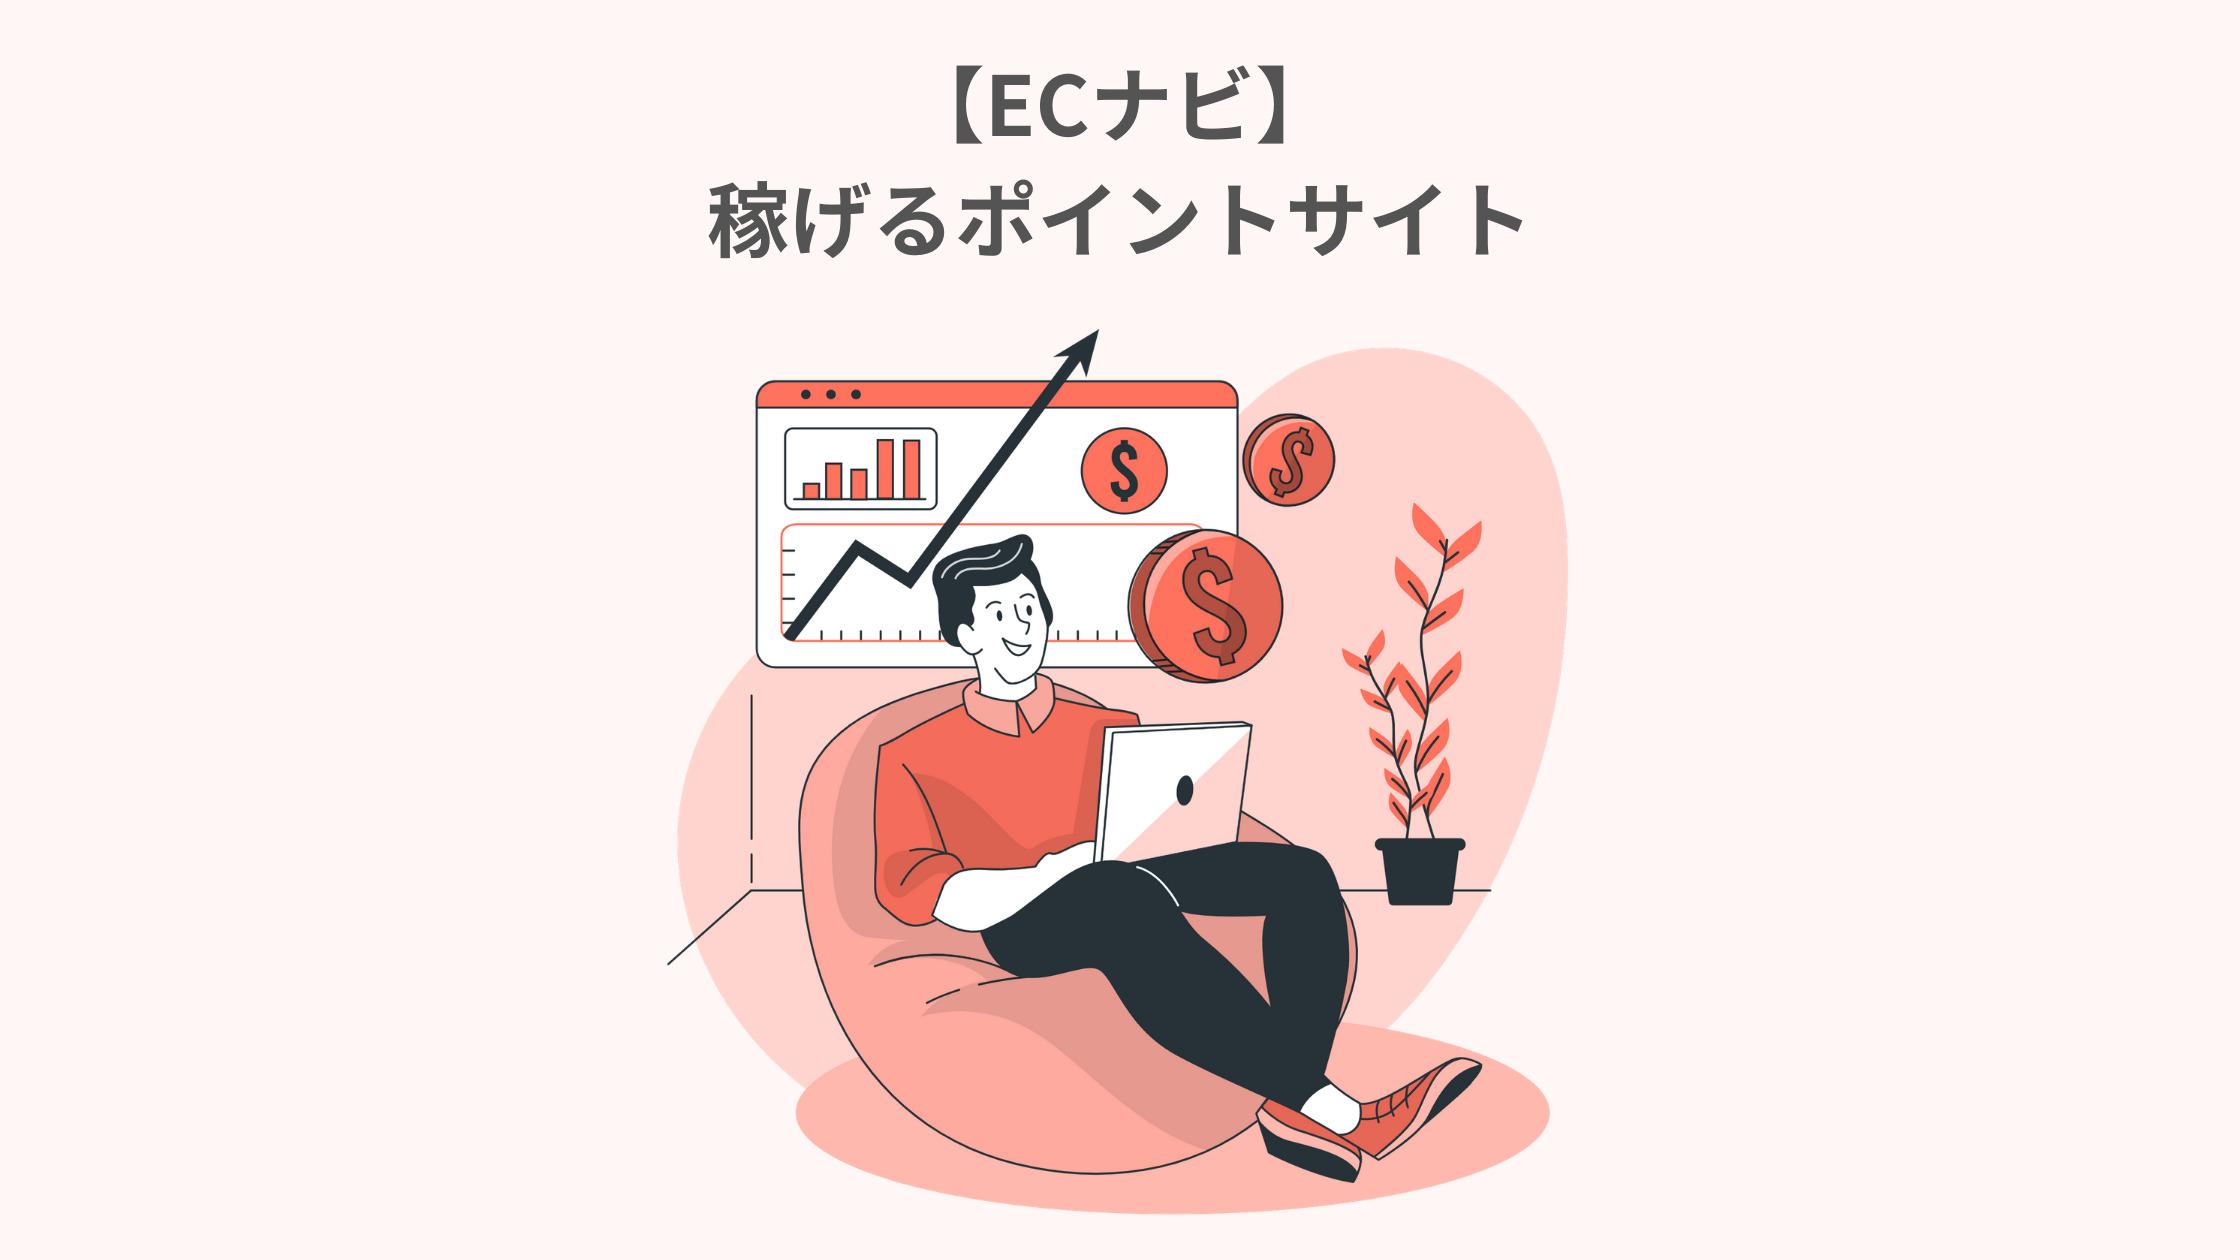 【ECナビ】 稼げるポイントサイト